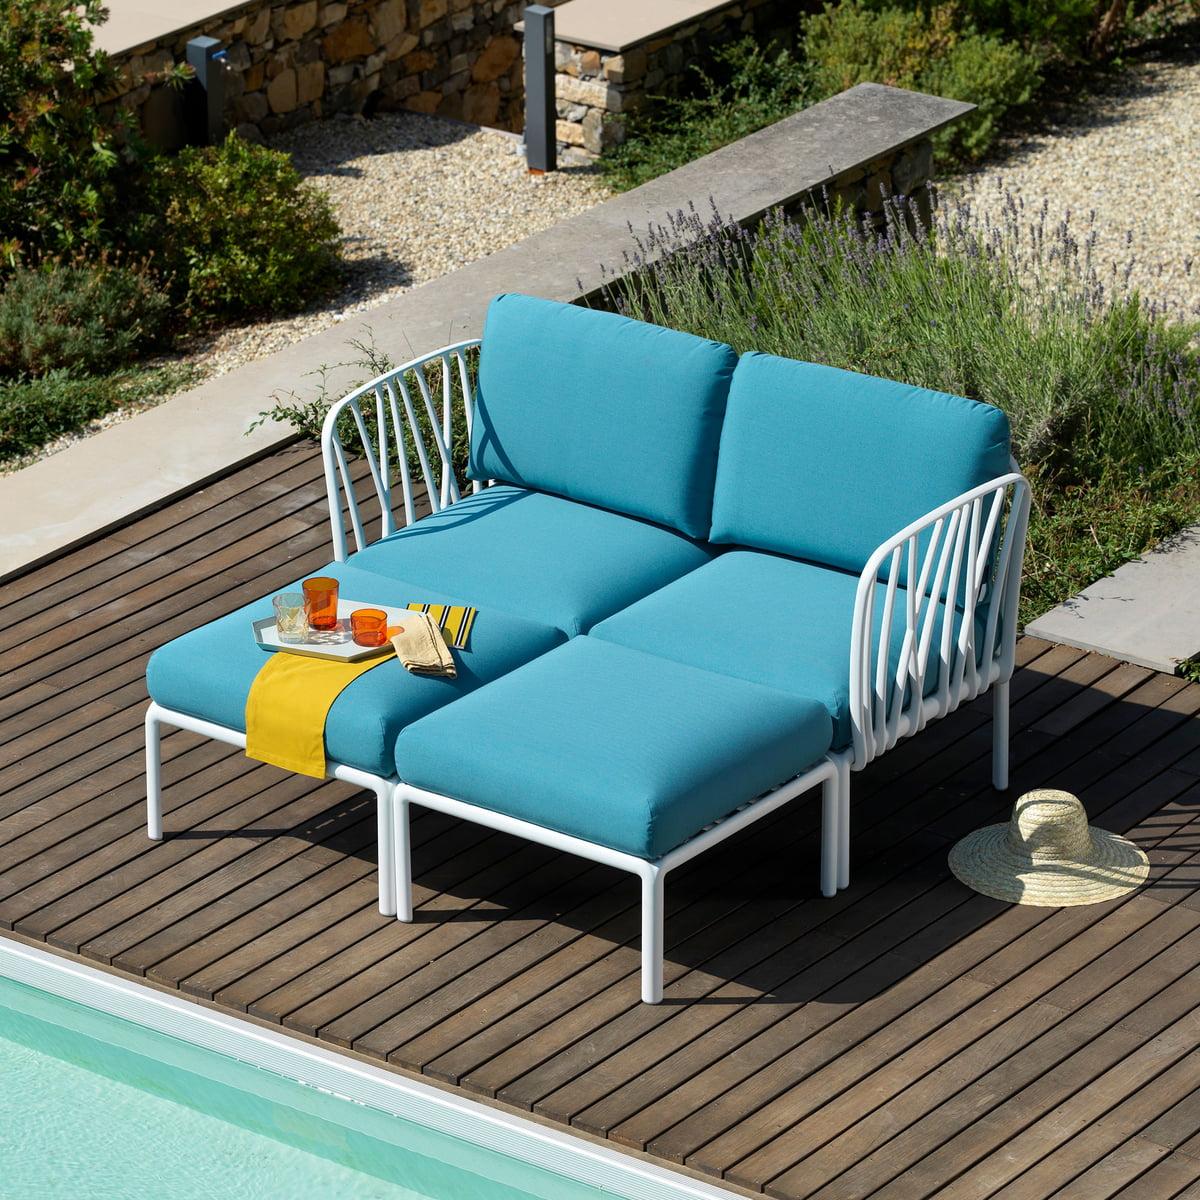 Full Size of Couch Terrasse Komodo Modulsofa Von Nardi Connox Wohnzimmer Couch Terrasse